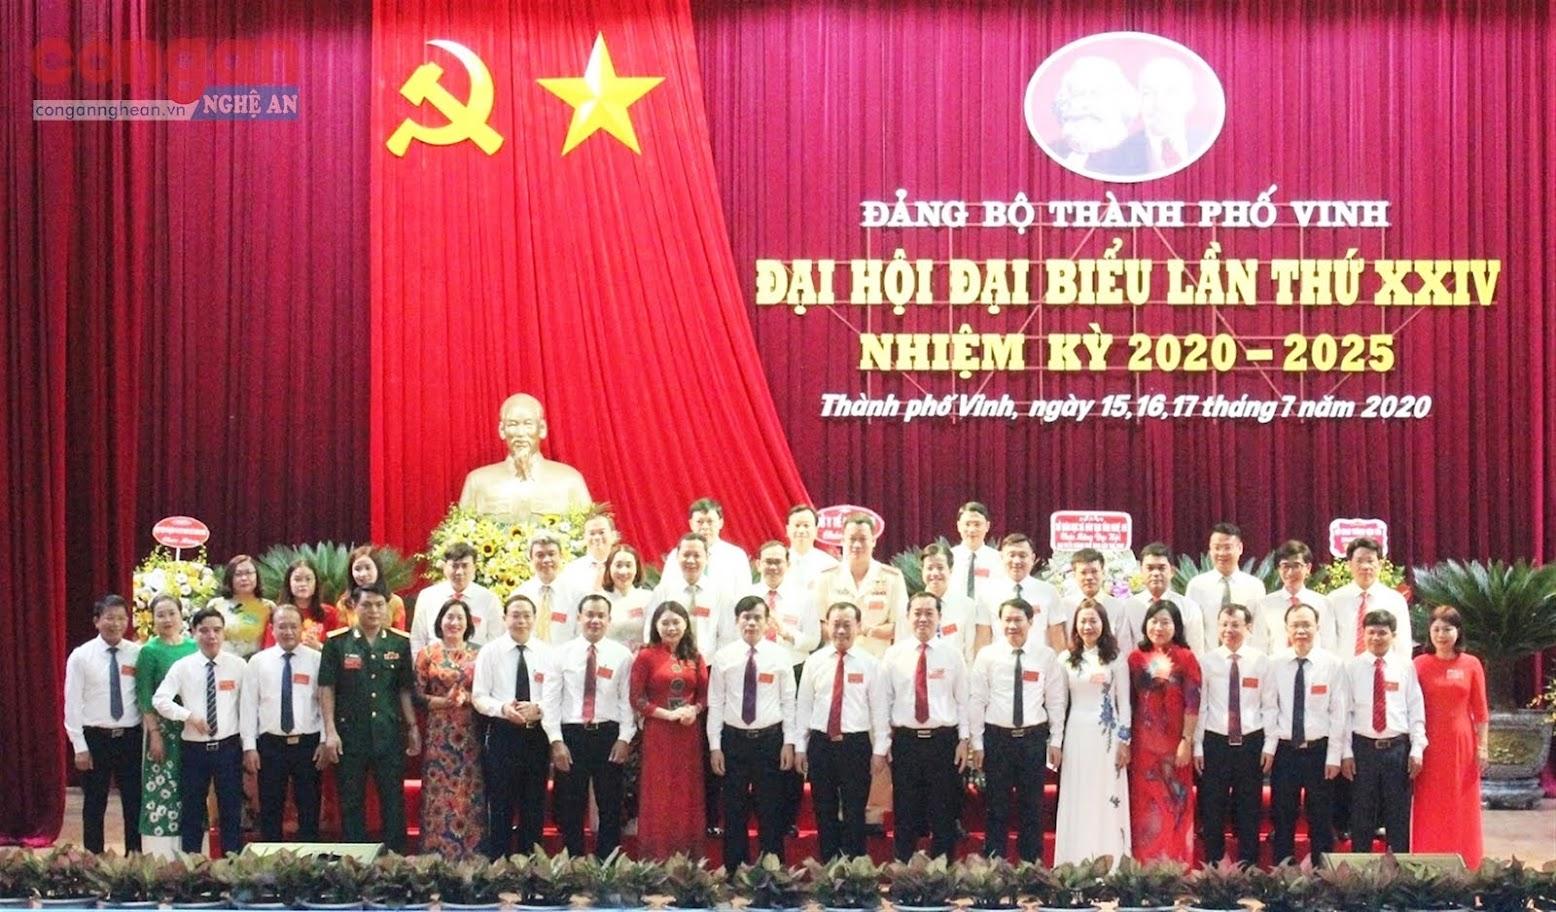 Ban Chấp hành Đảng bộ TP Vinh lần thứ XXIV, nhiệm kỳ 2020 - 2025 ra mắt, nhận nhiệm vụ trước Đại hội